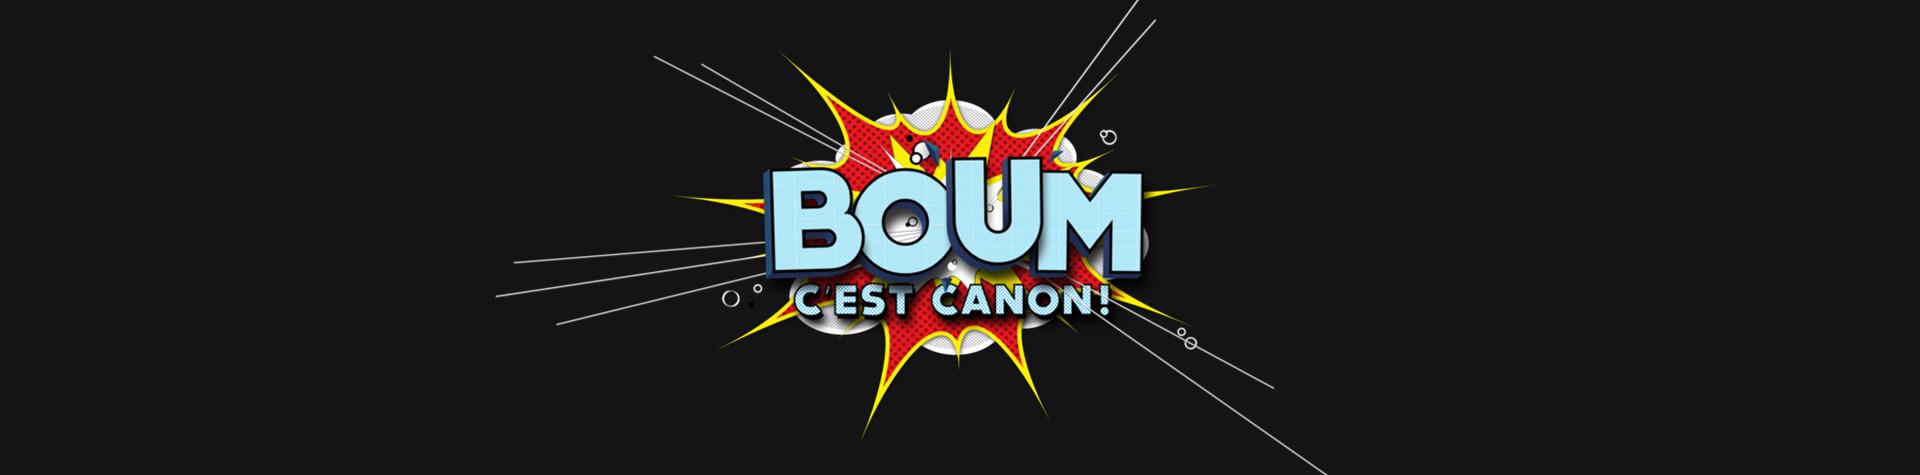 Logo Boum c'est canon!